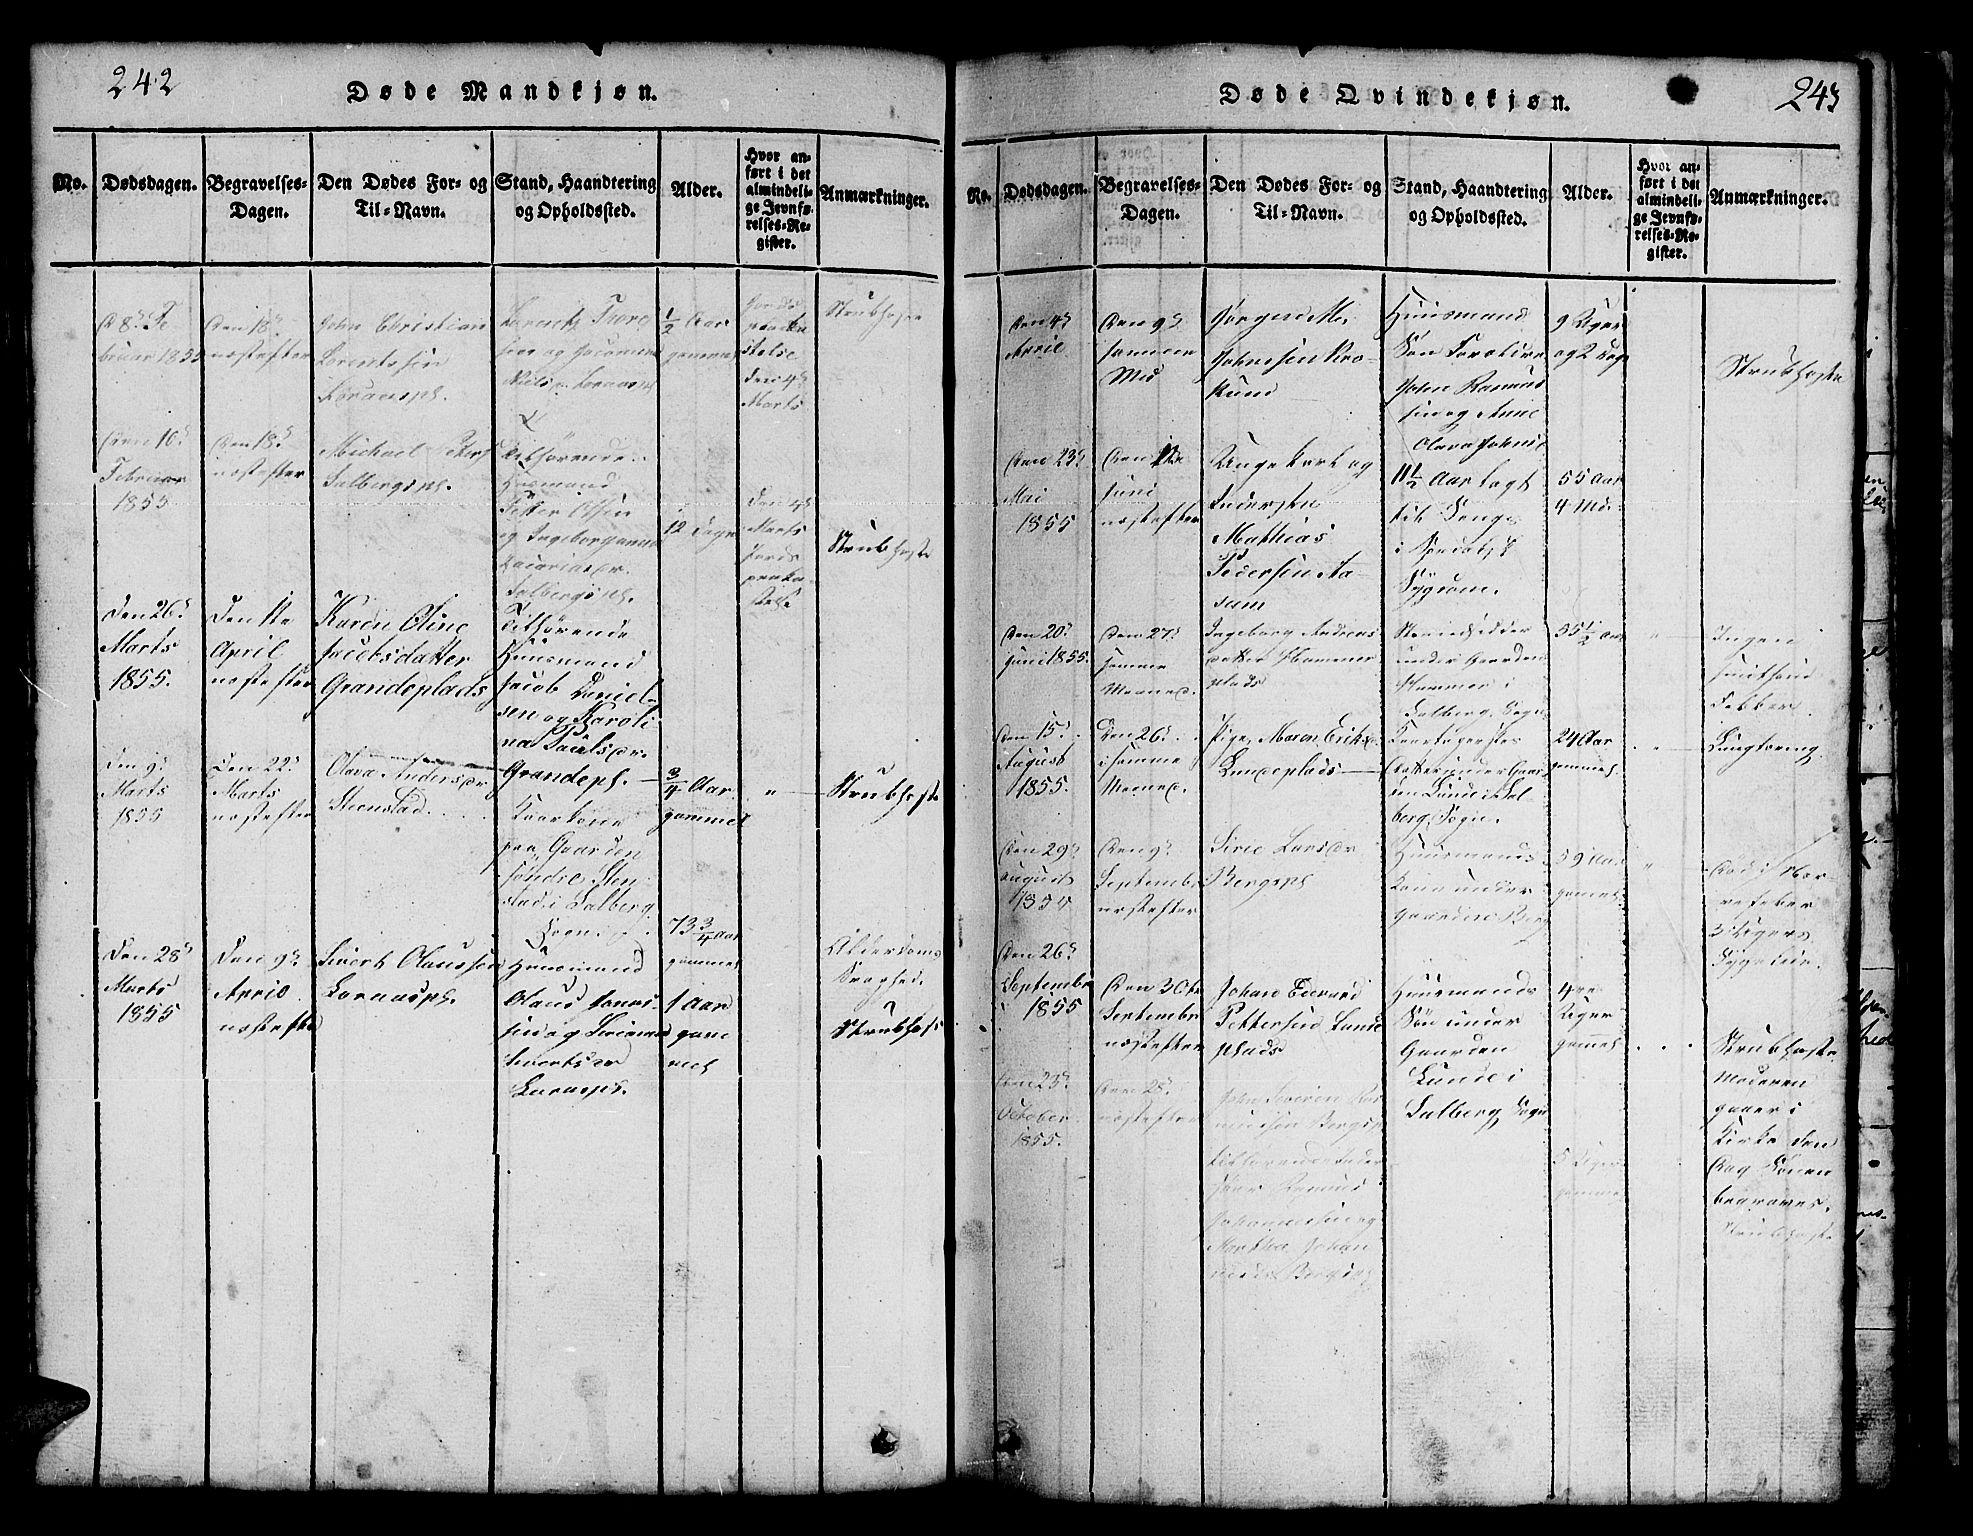 SAT, Ministerialprotokoller, klokkerbøker og fødselsregistre - Nord-Trøndelag, 731/L0310: Klokkerbok nr. 731C01, 1816-1874, s. 242-243